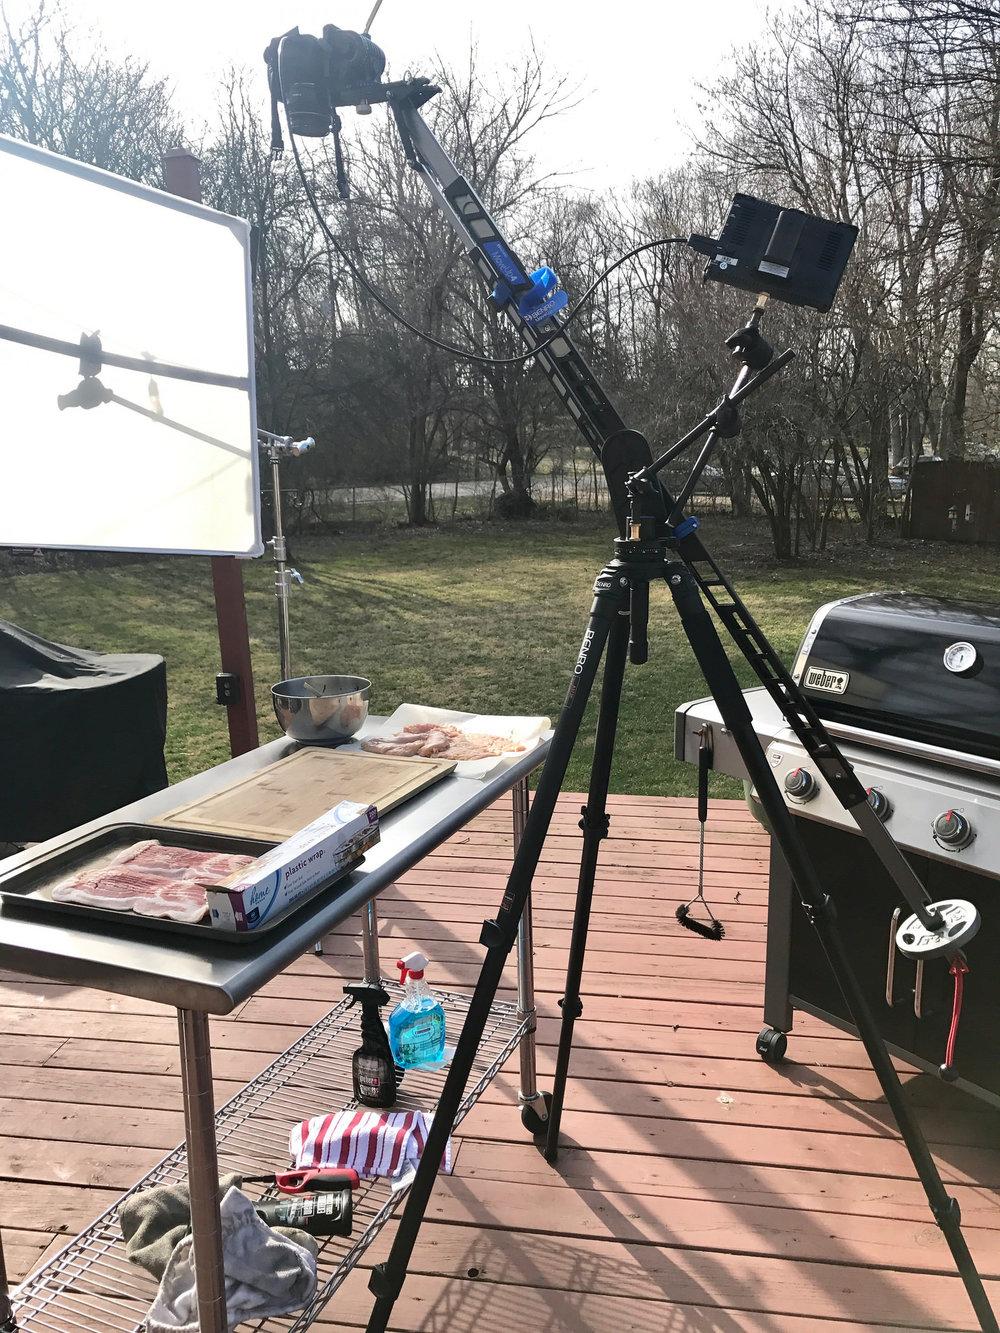 benro travel jib on grilling video shoot.jpg